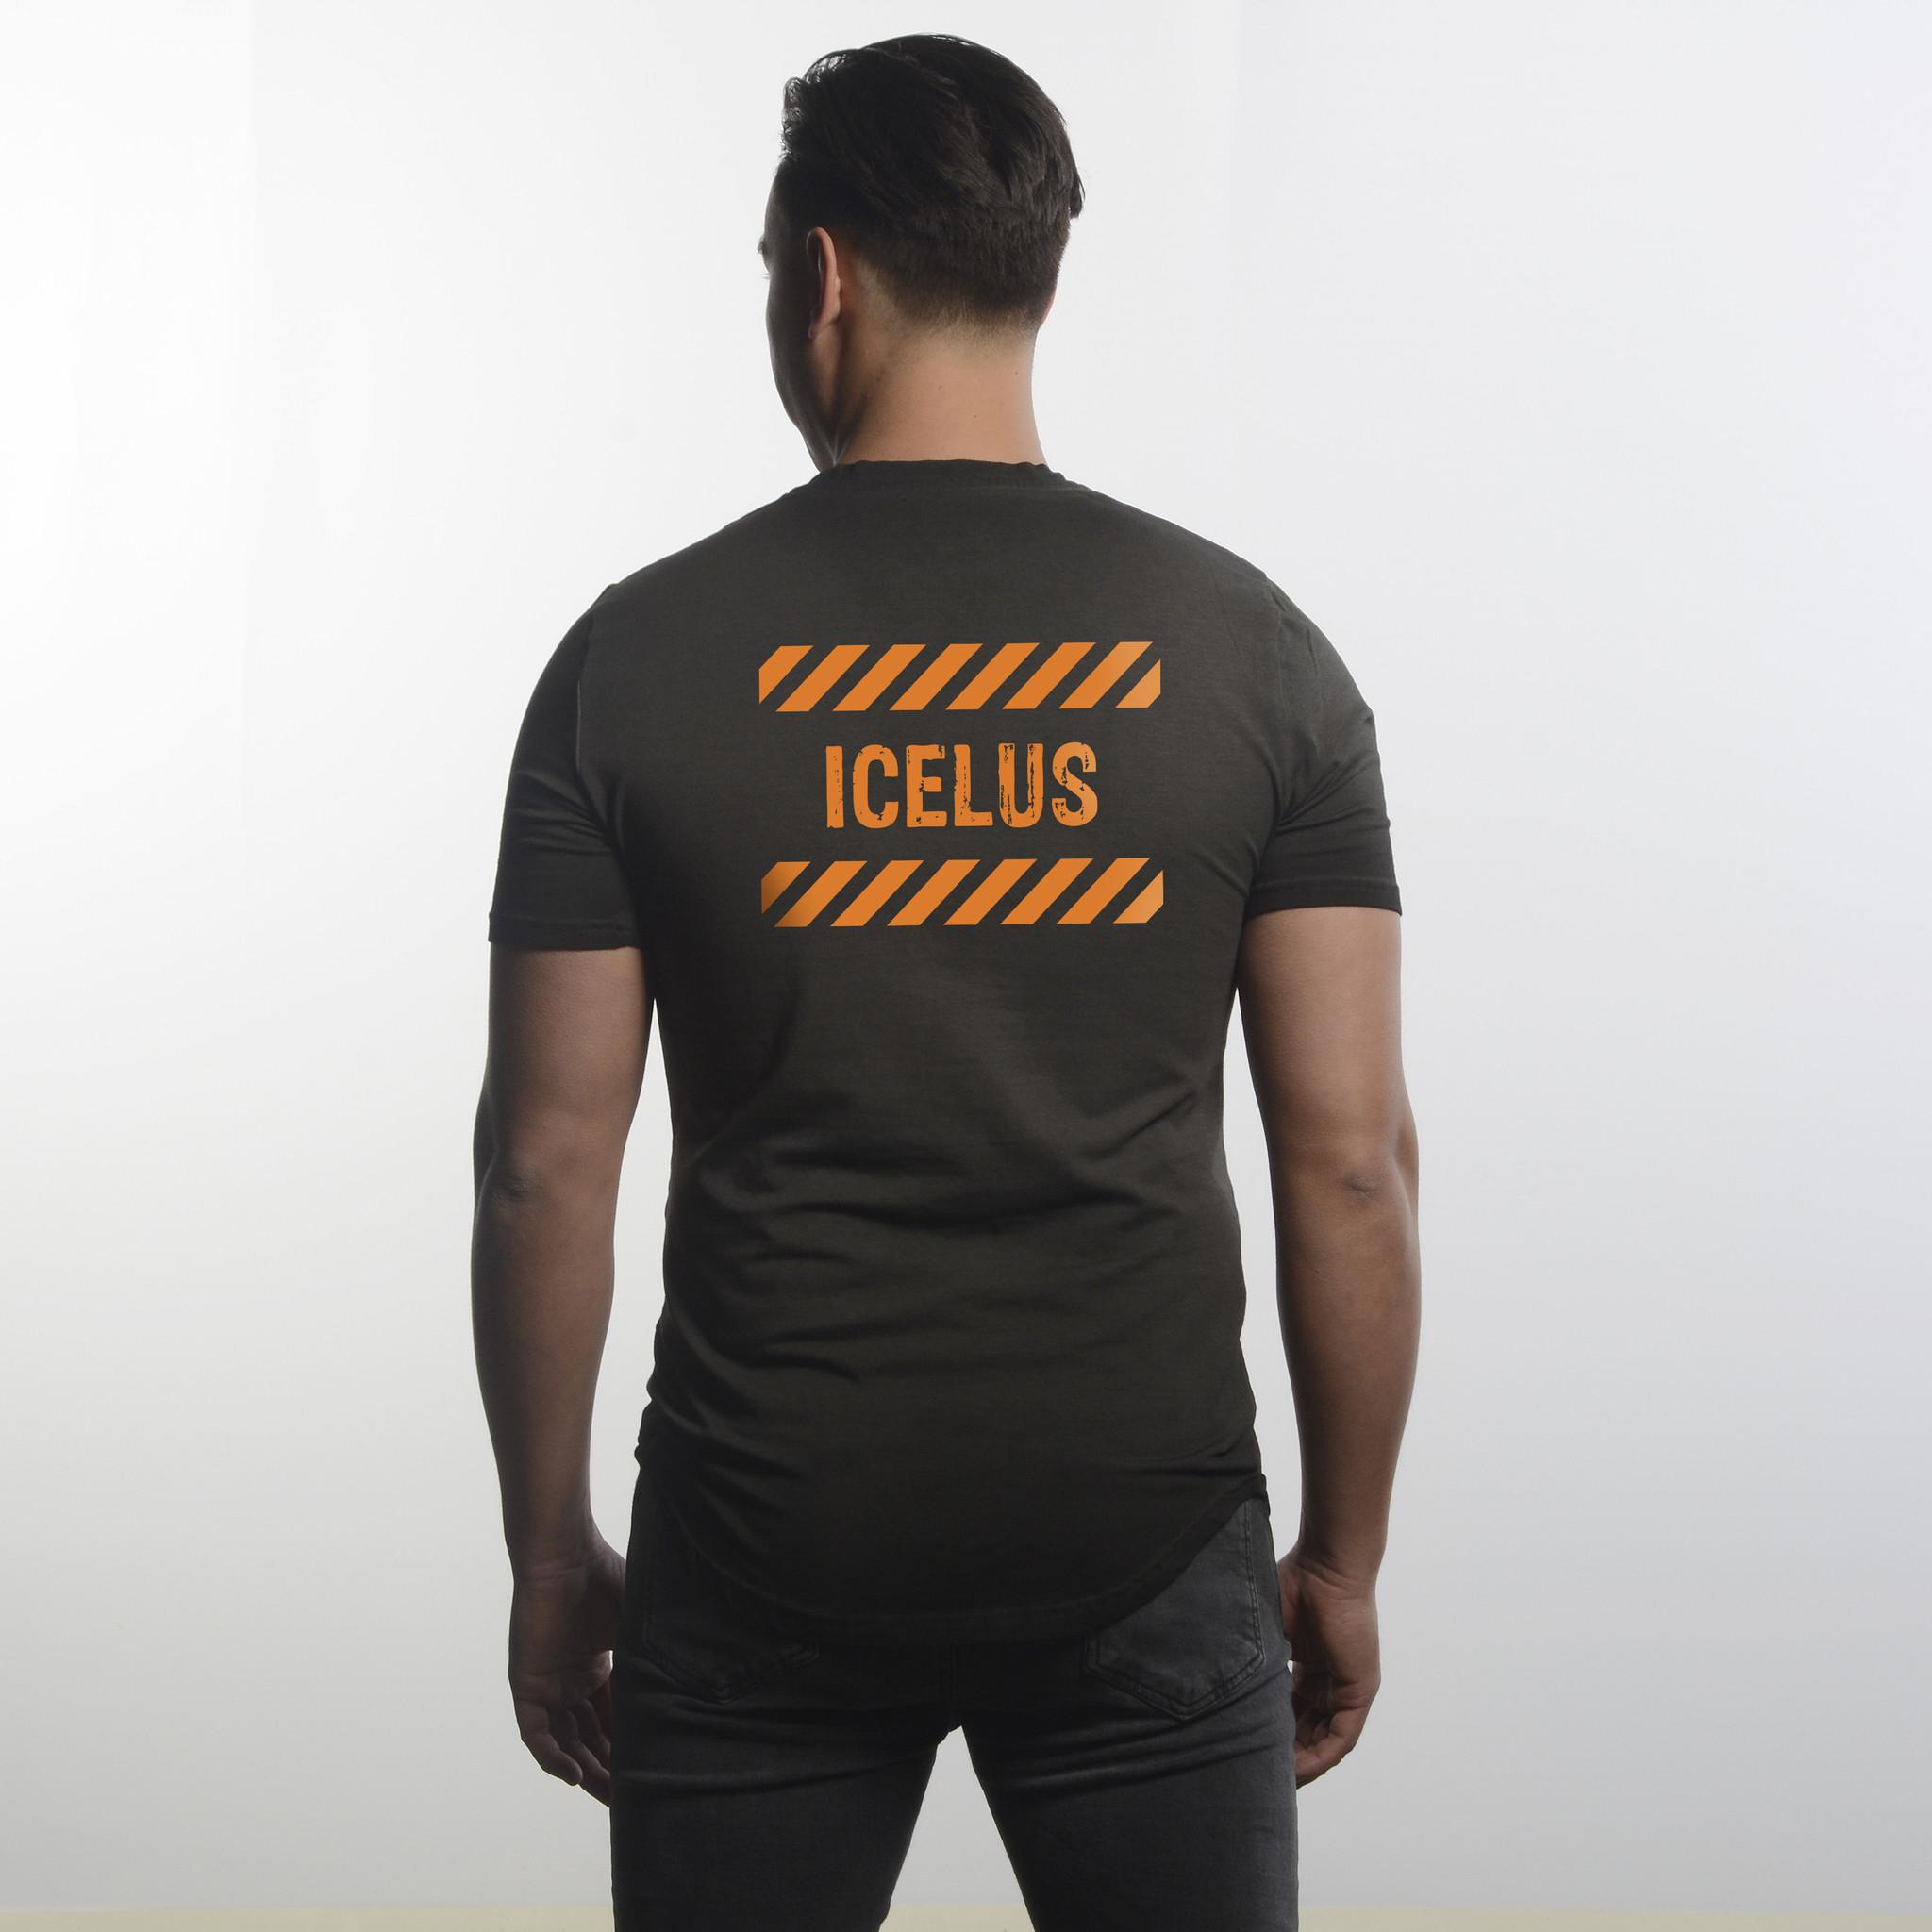 Icelus Clothing Icelus Series Orange Washed Black